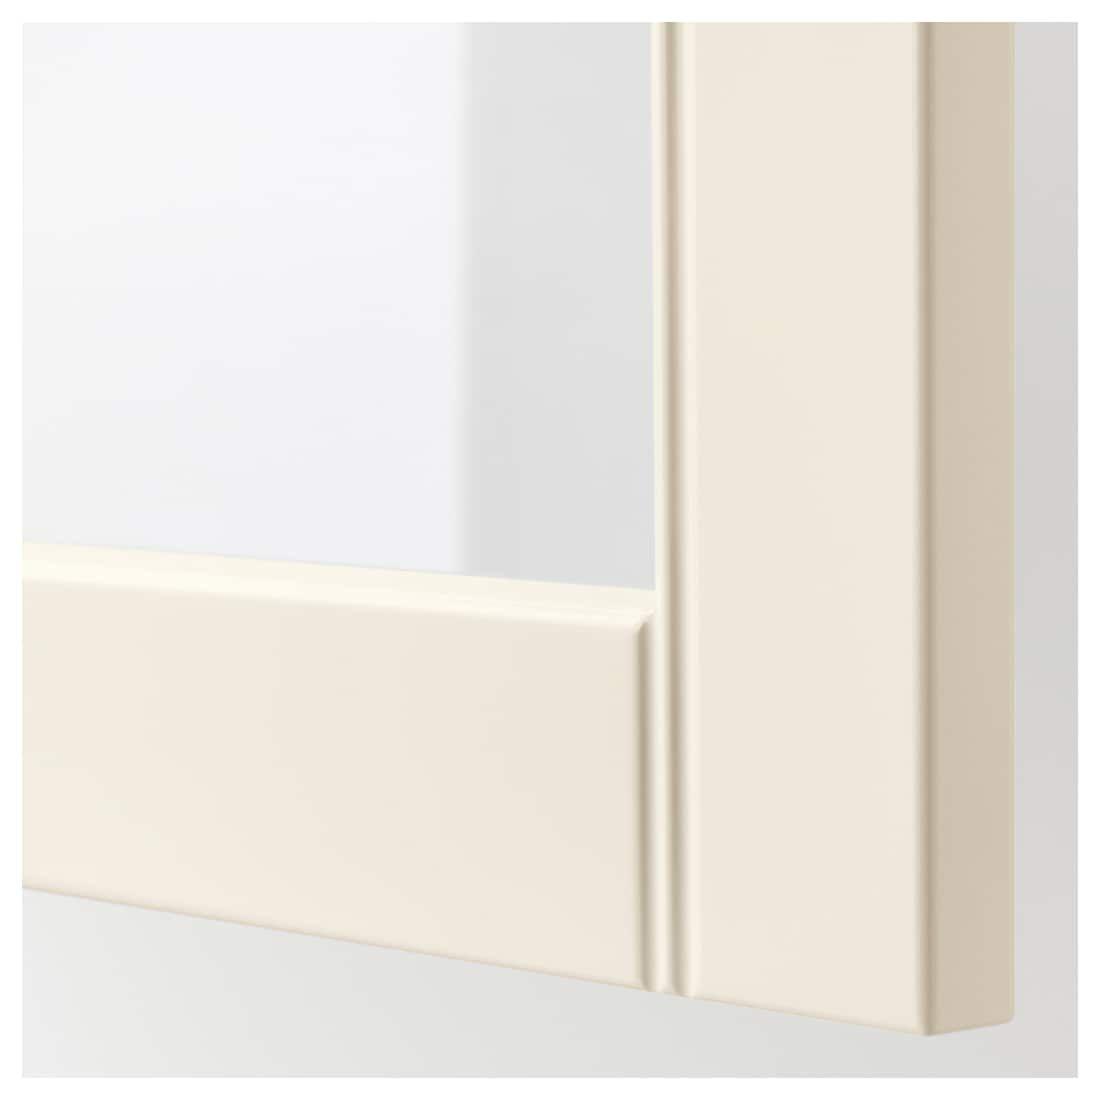 Hittarp Glass Door Off White 18x30 Ikea Glass Door Glass Bathroom White Doors